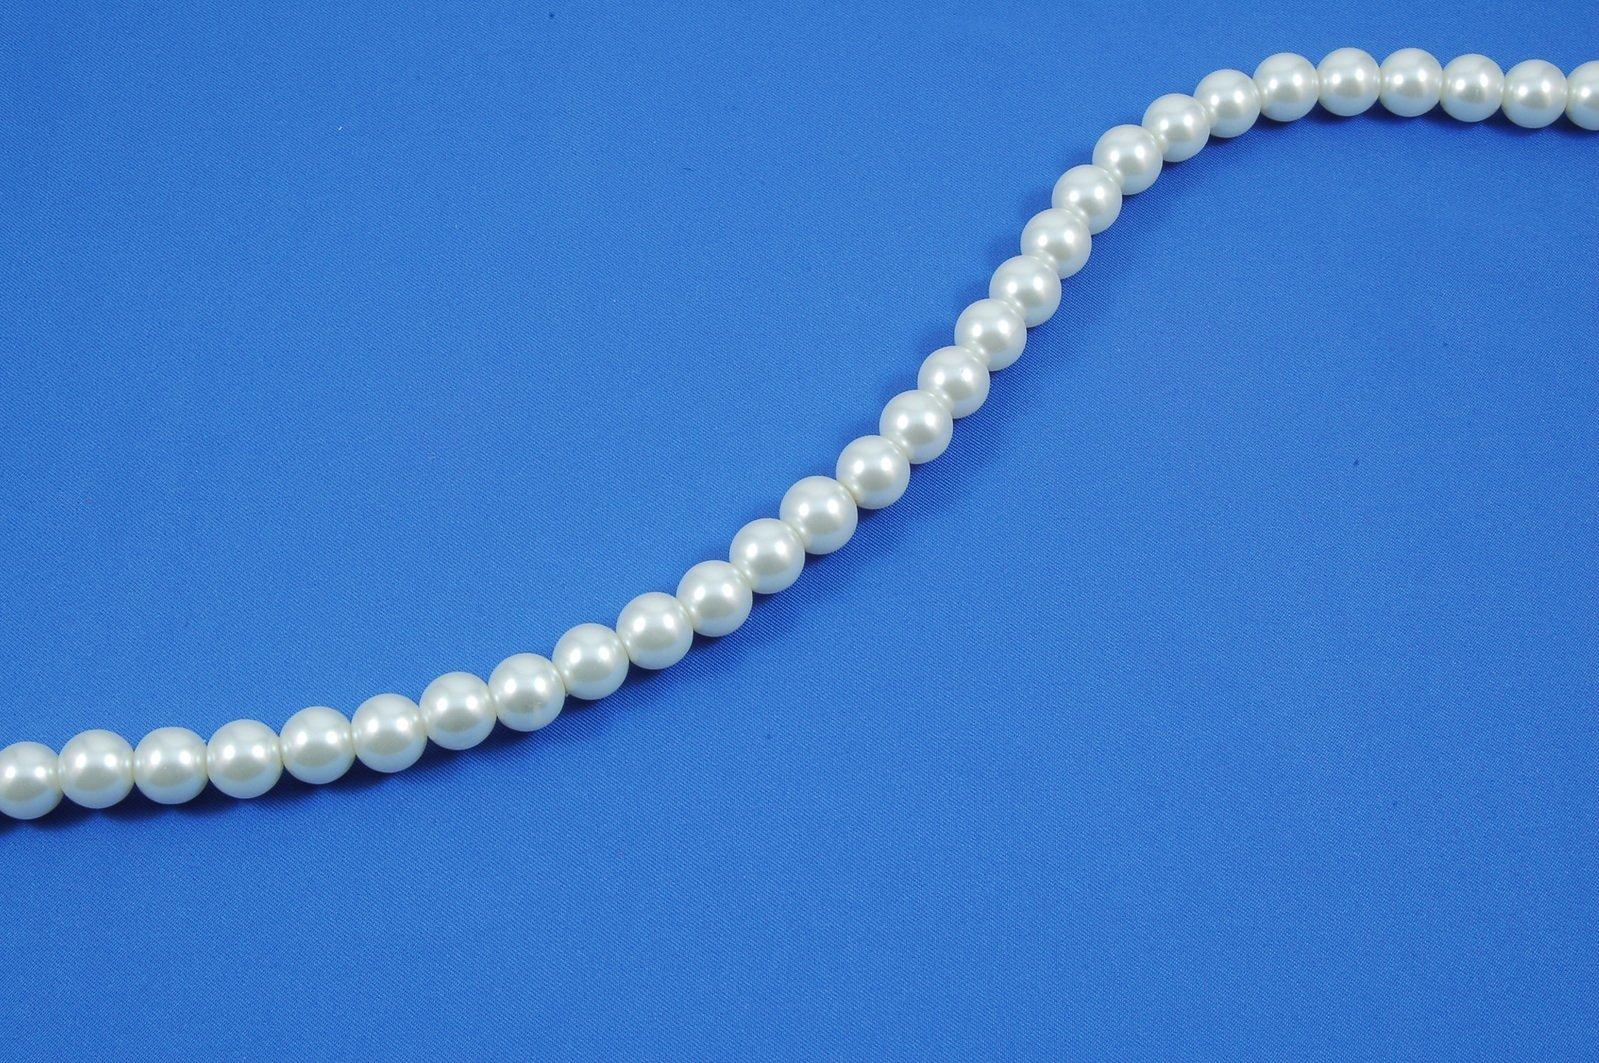 pearls-1182166.jpg